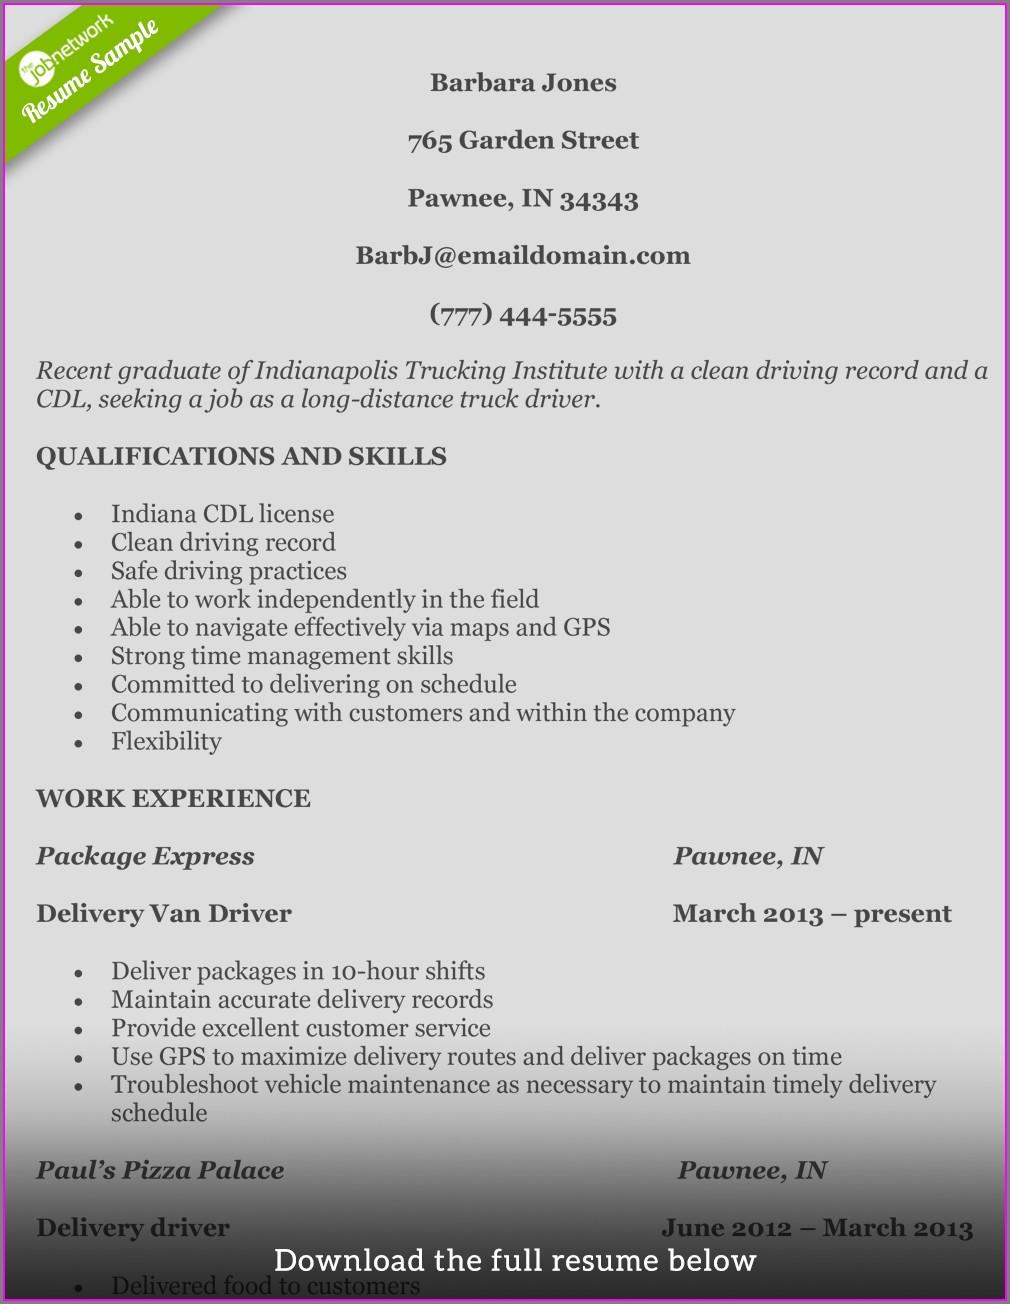 Sample Resume For Truck Driver Australia